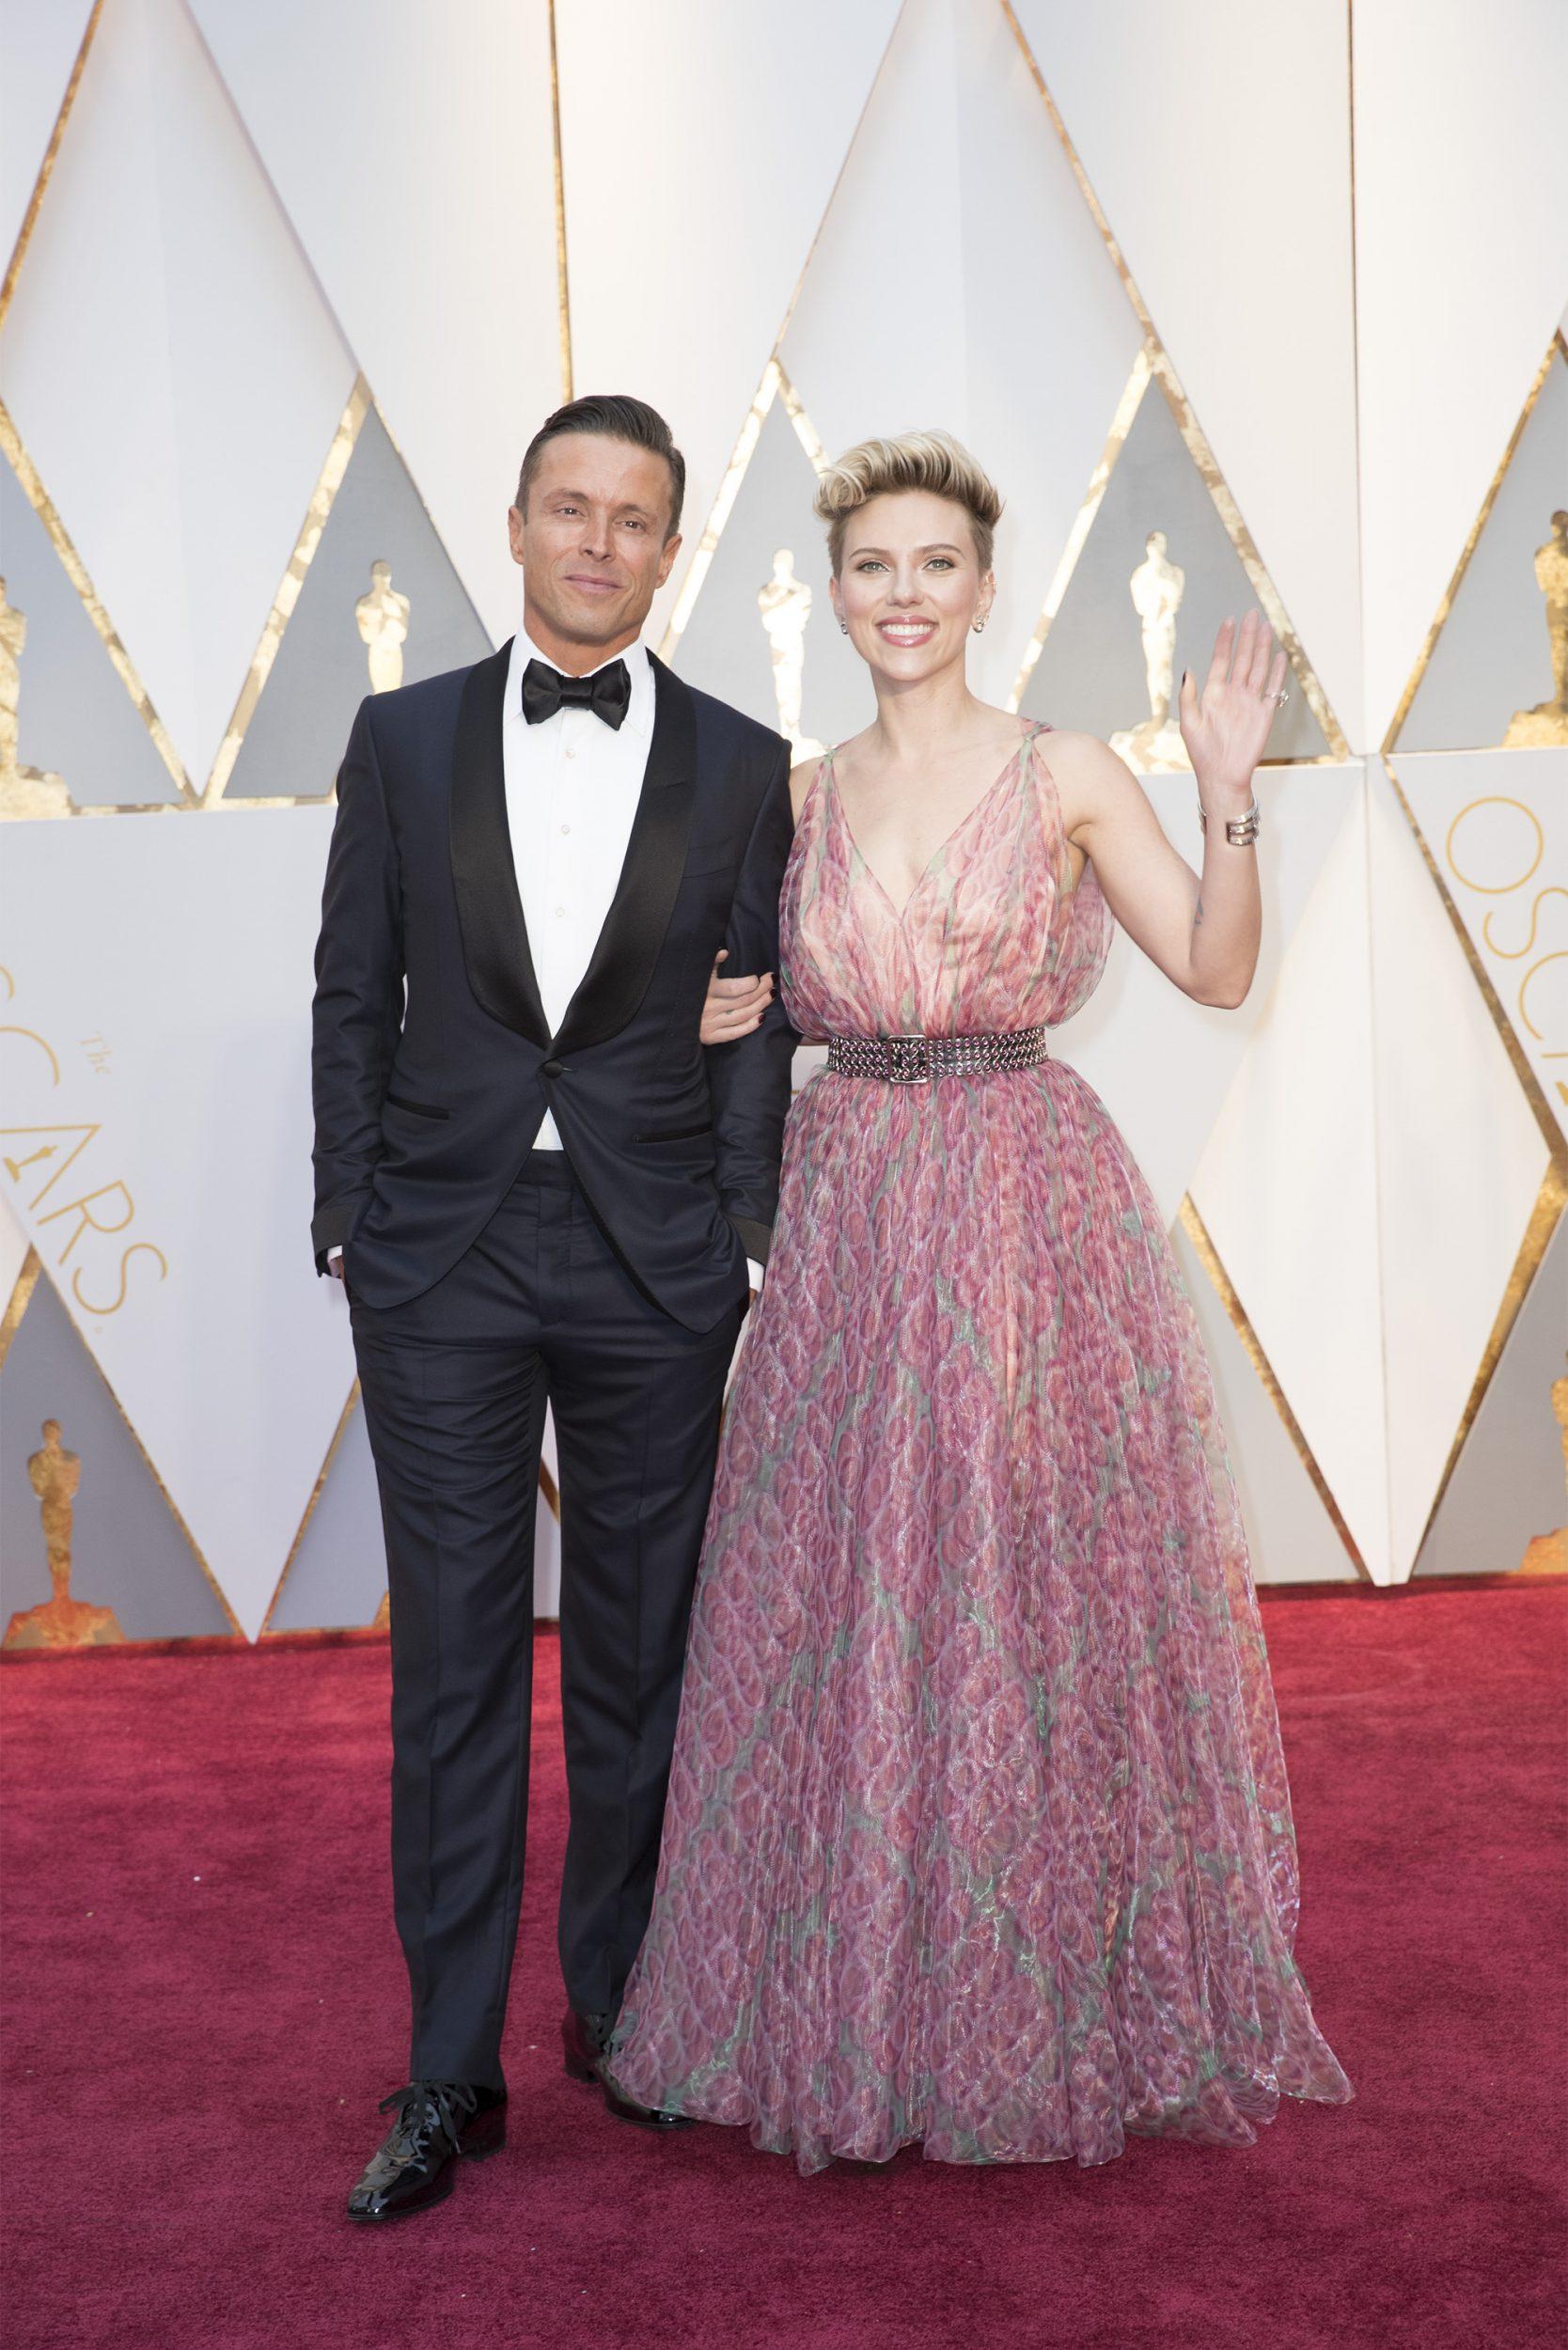 THE OSCARS(r) - The 89th Oscars(r)  broadcasts live on Oscar(r) SUNDAY, FEBRUARY 26, 2017, on the ABC Television Network. (ABC/Tyler Golden) SCARLETT JOHANSSON